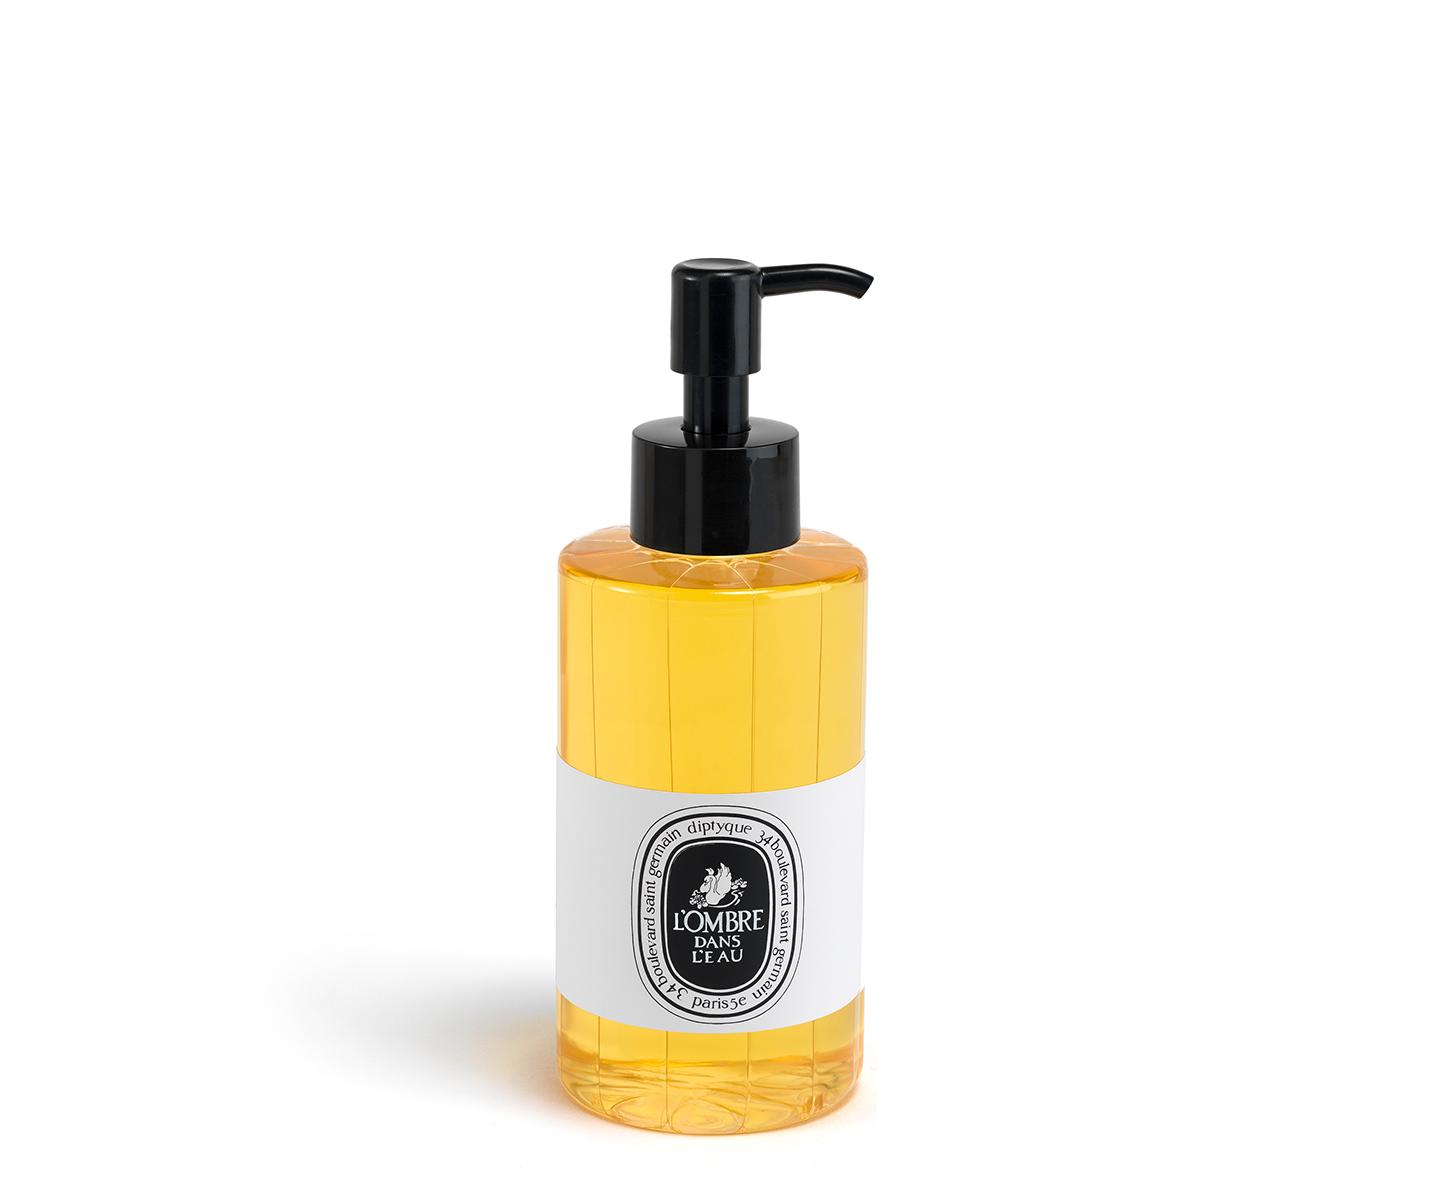 Huile de parfum pour la douche L'Ombre dans l'Eau